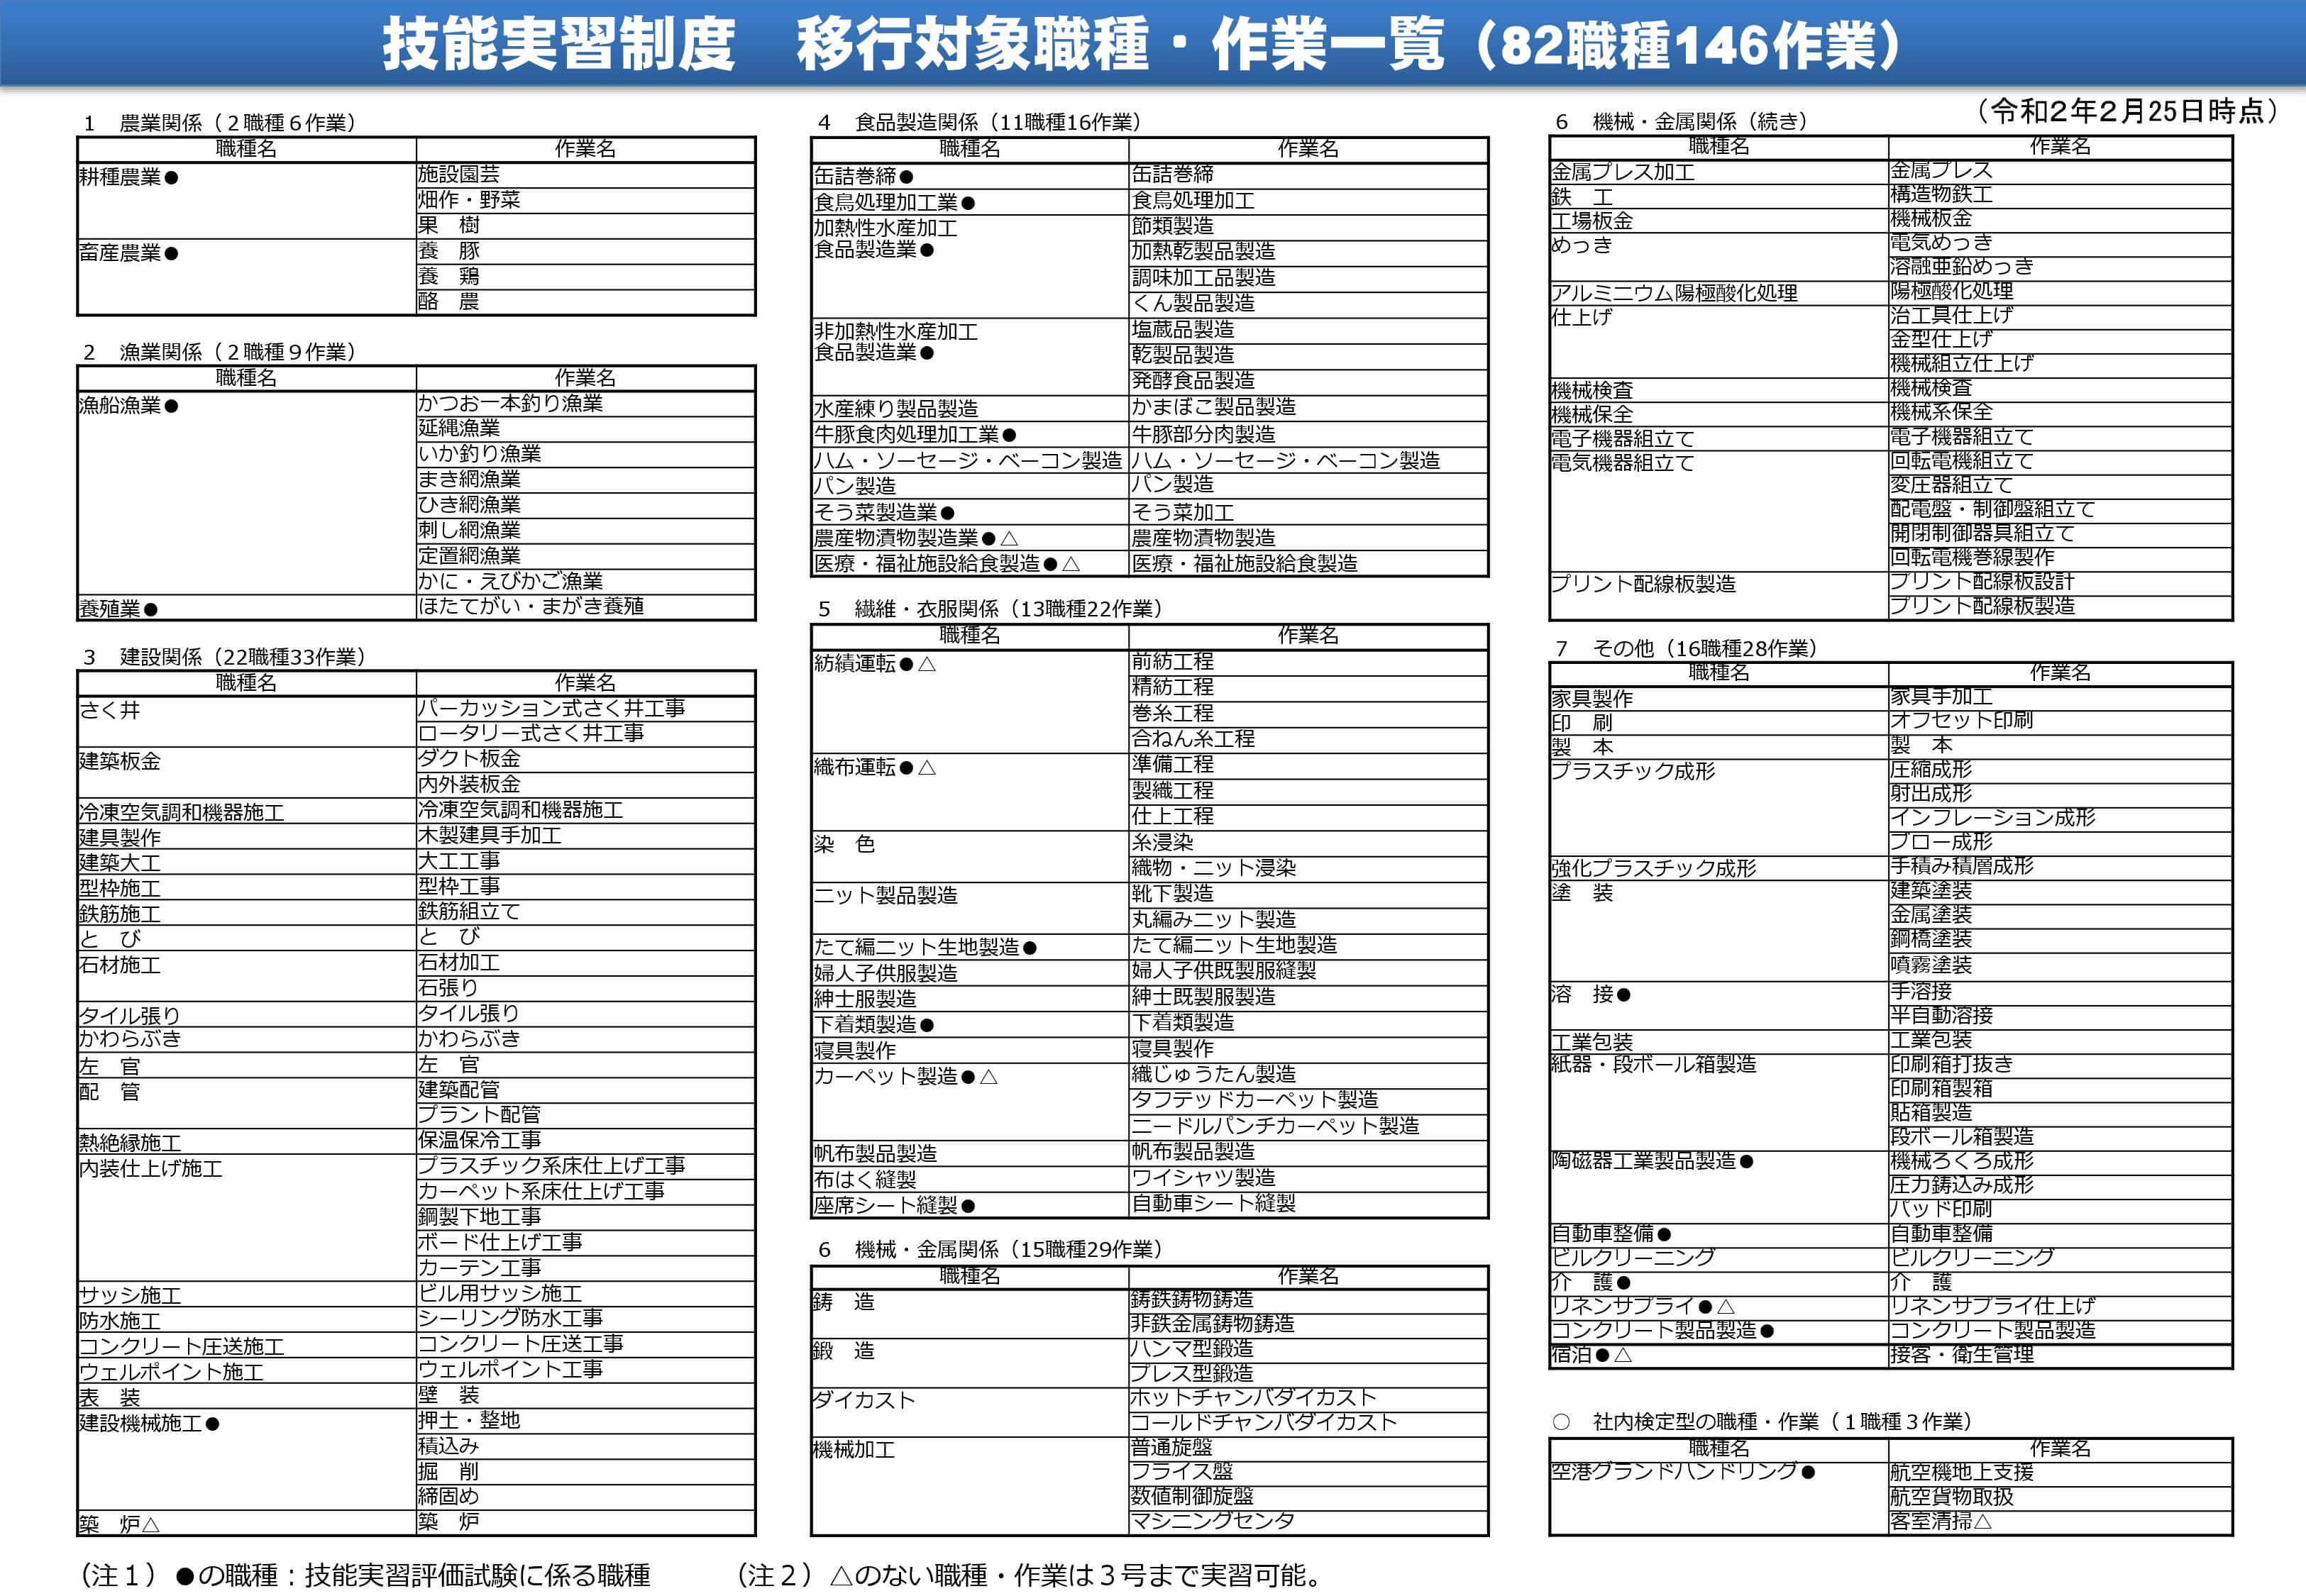 実習生、監理団体、組合、関西、受入、神戸